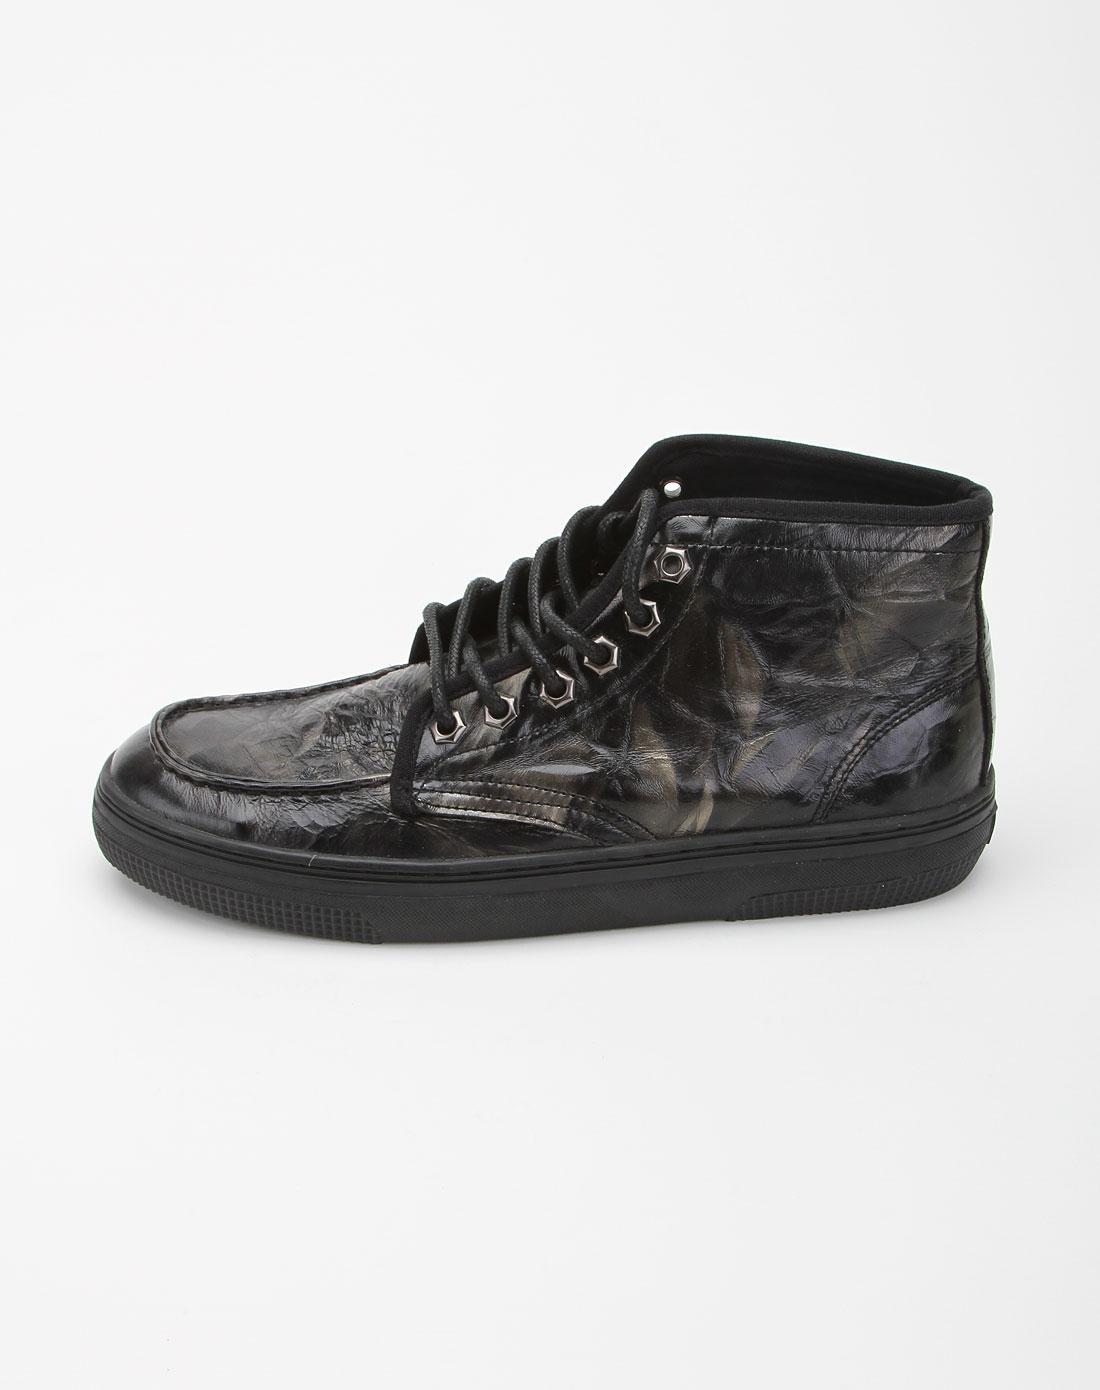 homme黑色个性休闲鞋